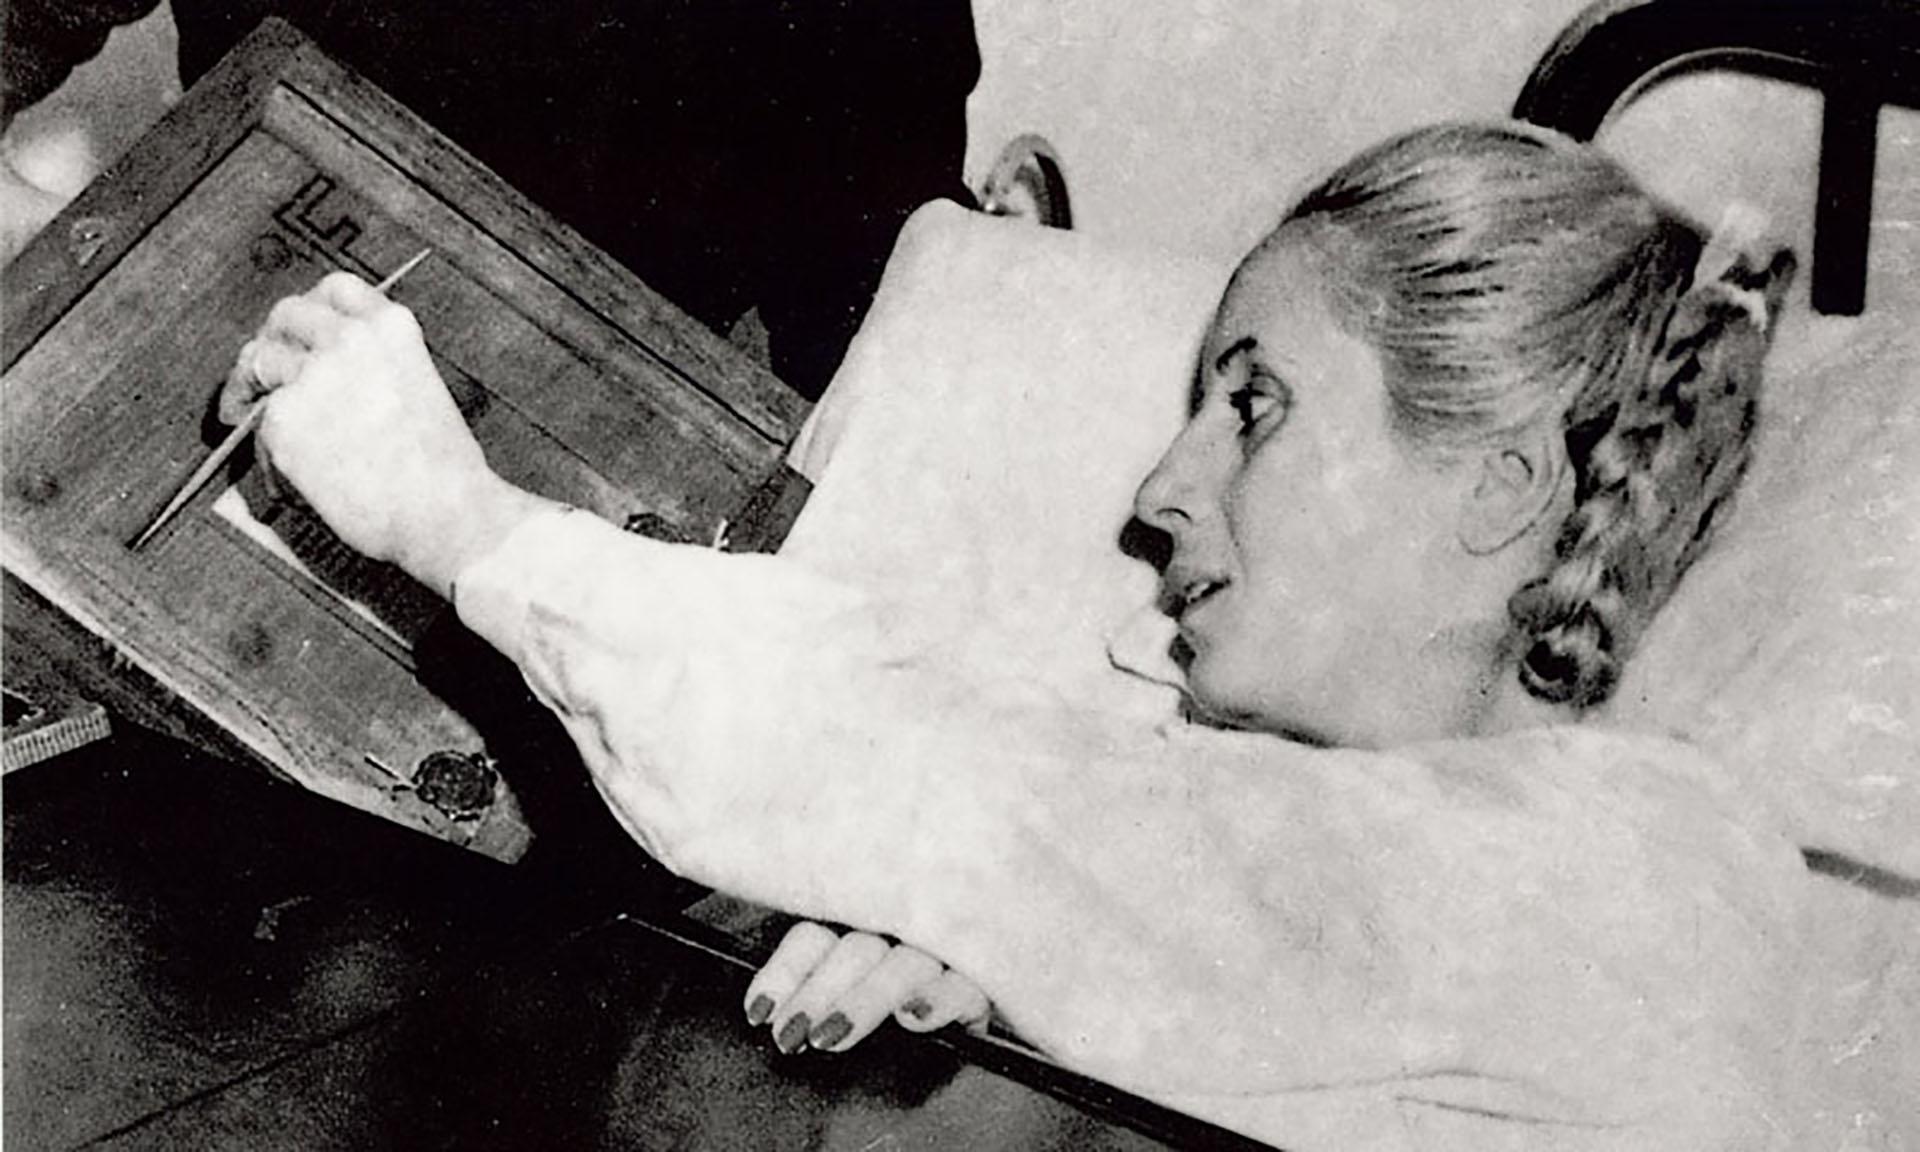 El 11 de noviembre de 1951 la fórmula Perón-Quijano gana las elecciones. Eva vota por primera y única vez en su lecho de enferma en el Policlínico de Avellaneda. Pocos días antes, había sido operada de su tumor. Su última aparición en público coincide con la asunción del General Perón en su segundo período. En la foto, Evita, convaleciente, emite su voto